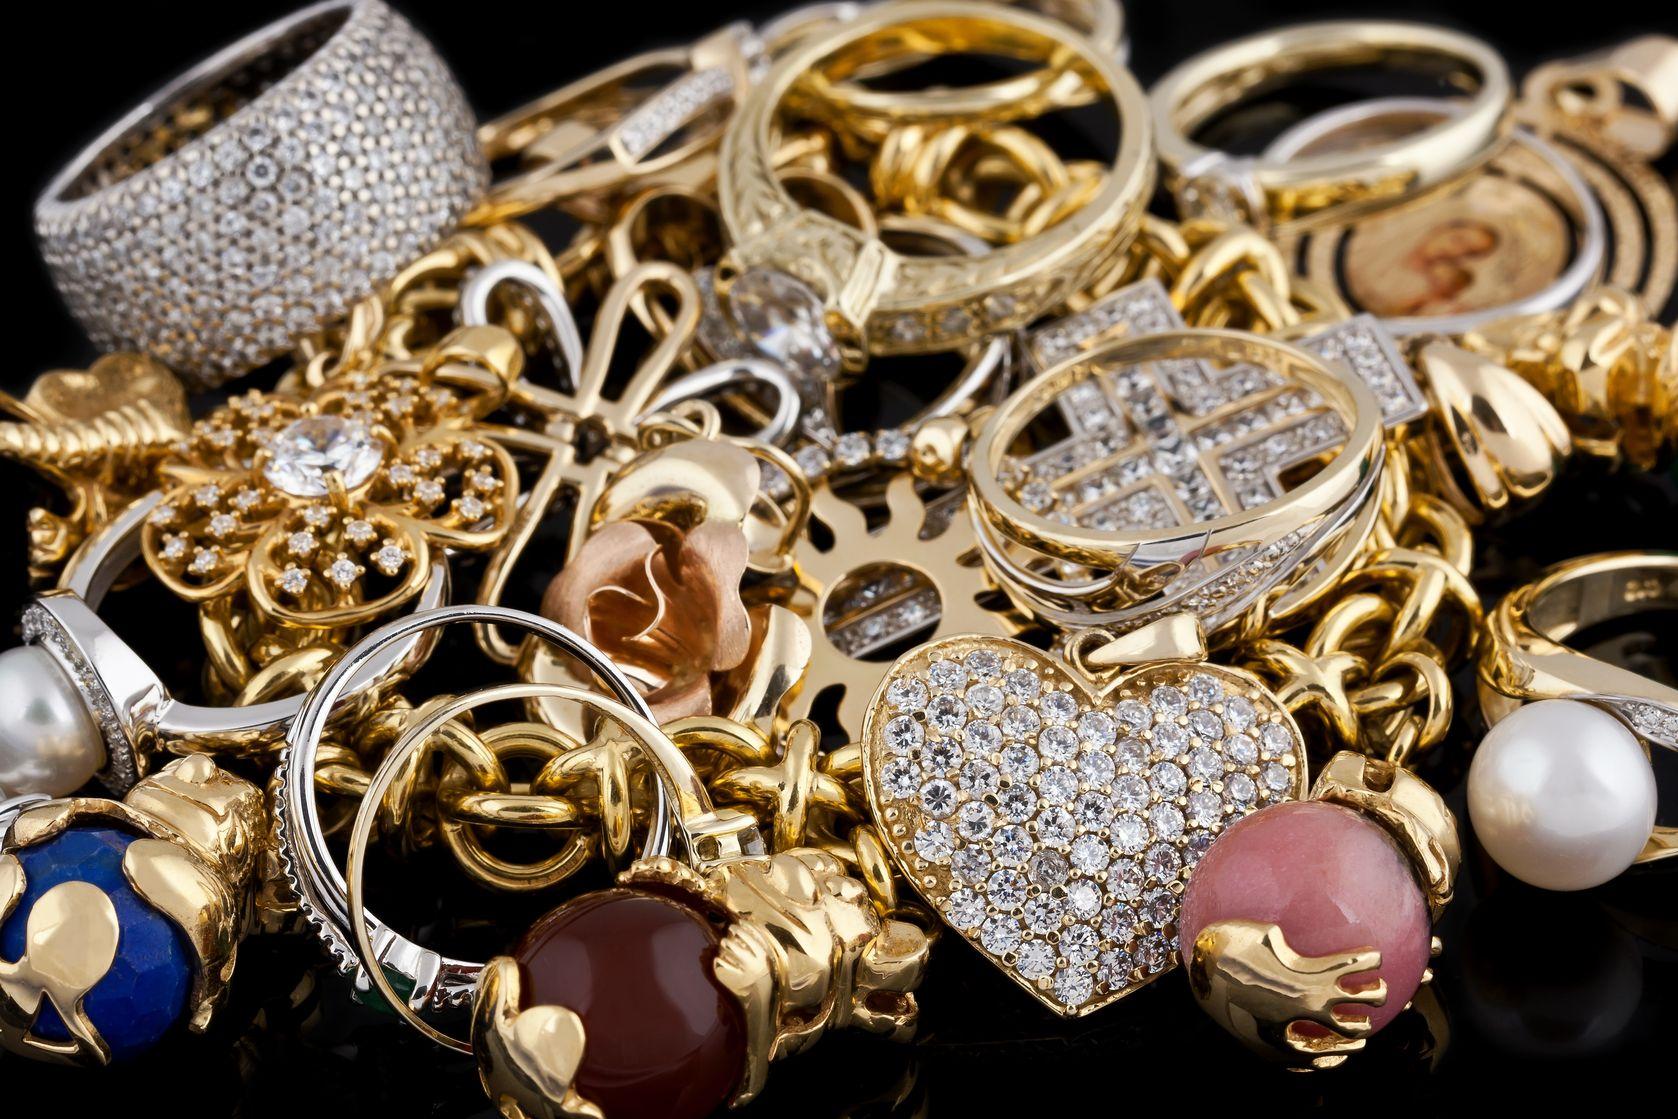 黃金珠寶典當借錢